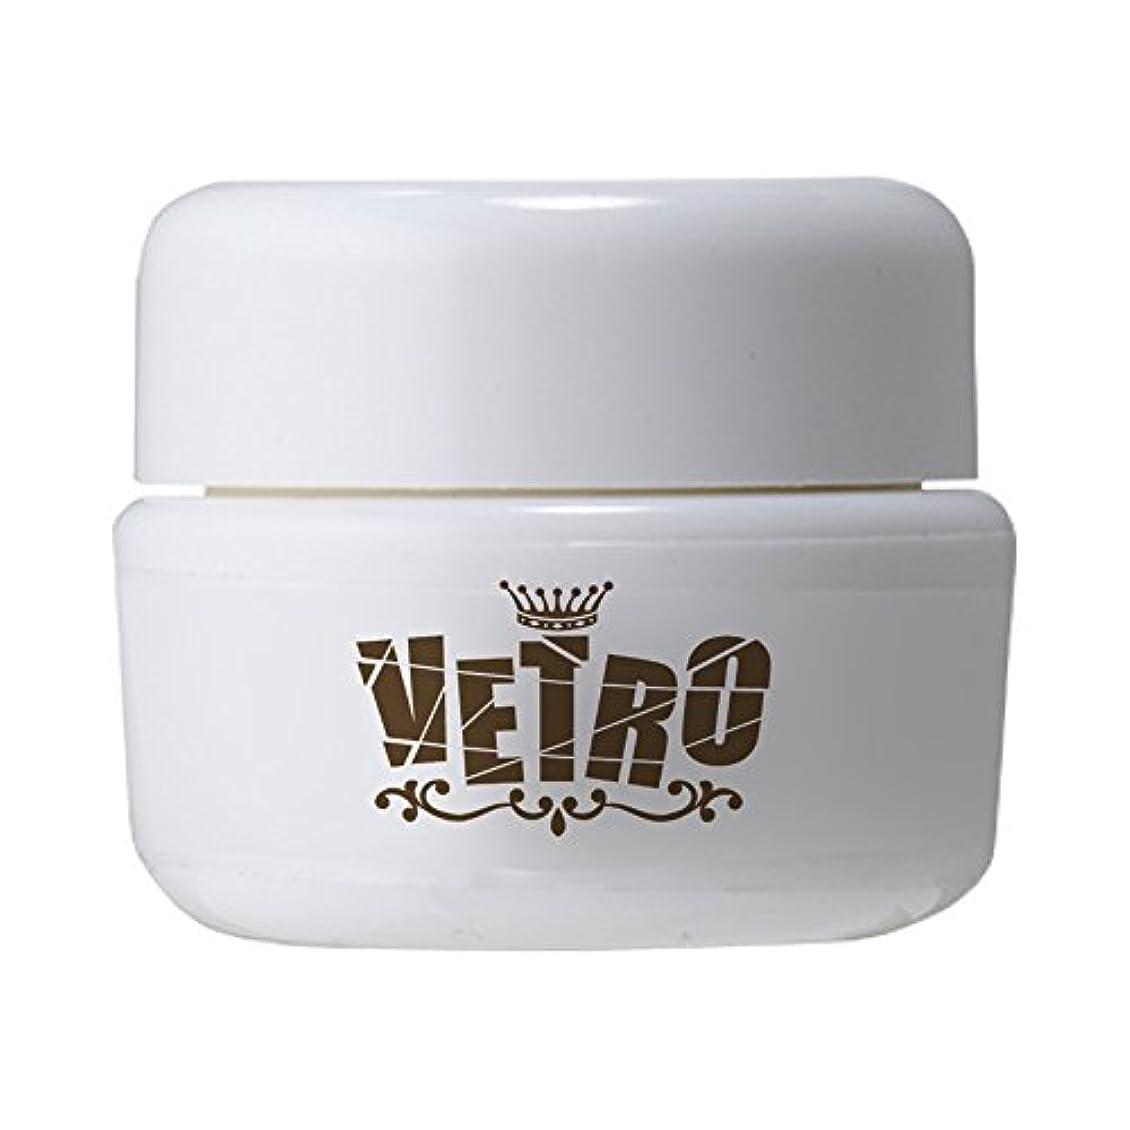 リスト全体反毒VETRO No.19 カラージェル マット VL088 リタレッド 4ml